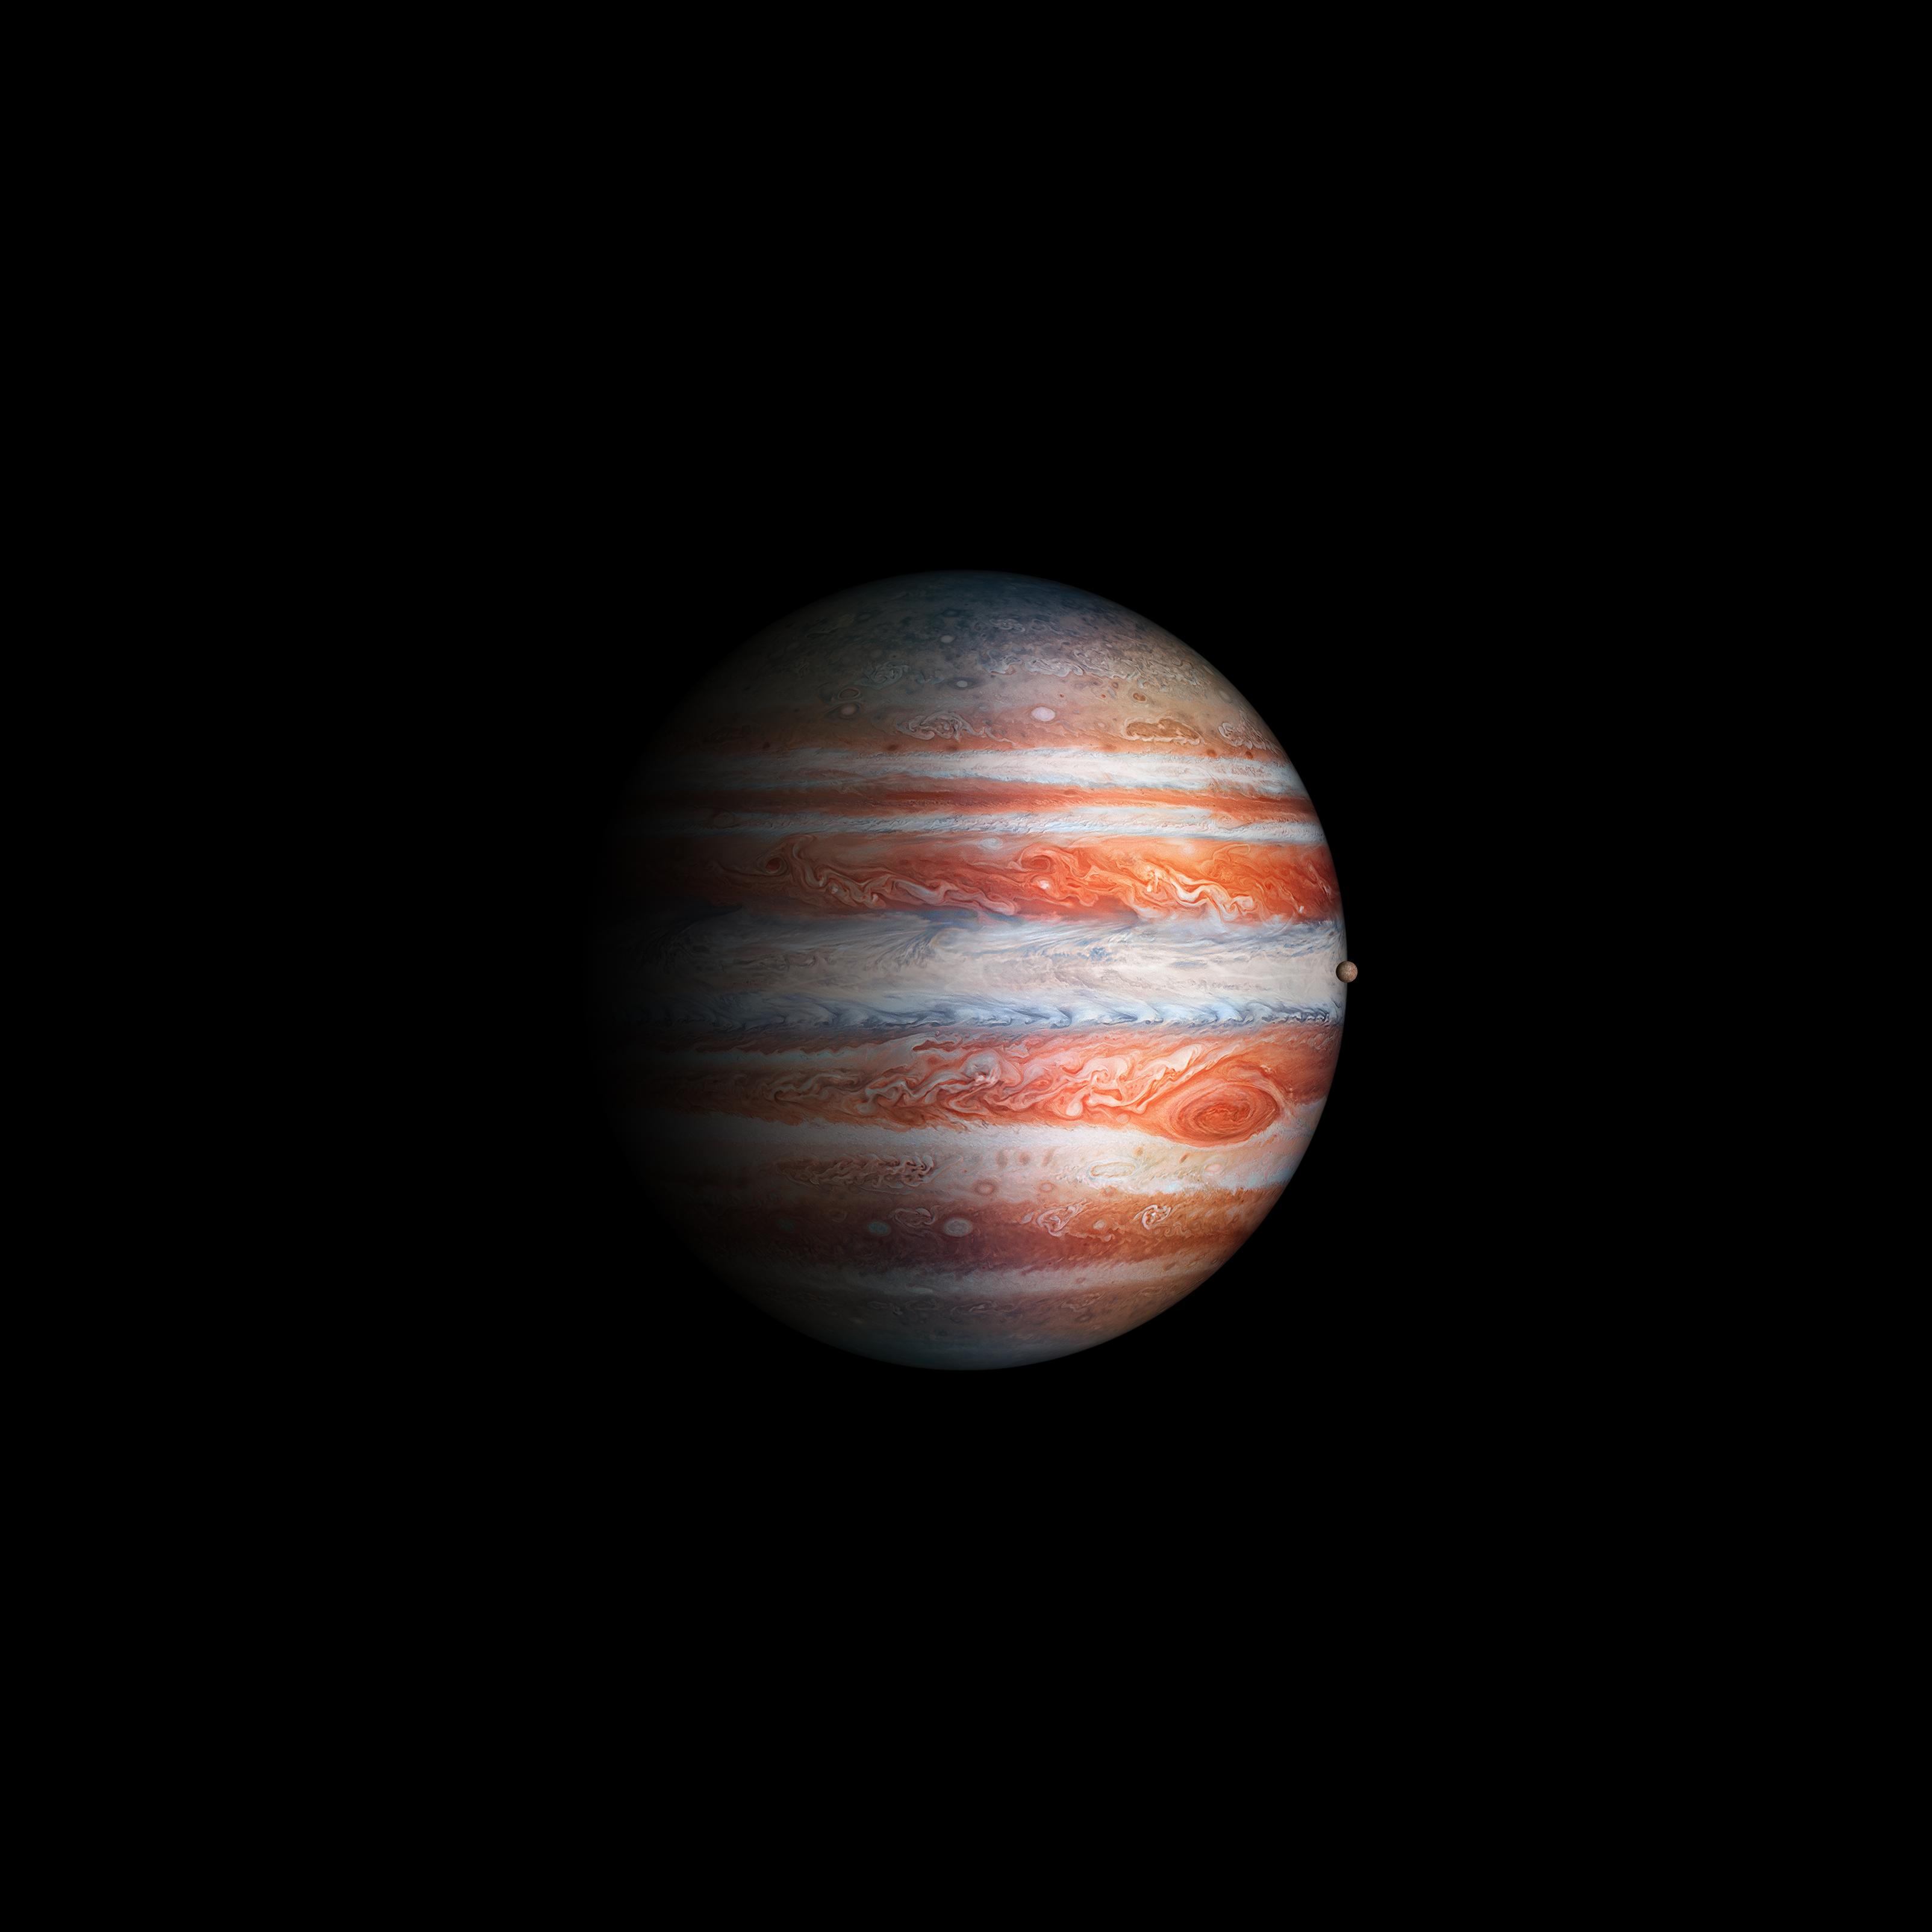 https://www.v2fy.com/asset/0i/110.Planets_Jupiter-1024w-1366h%402x~ipad.png